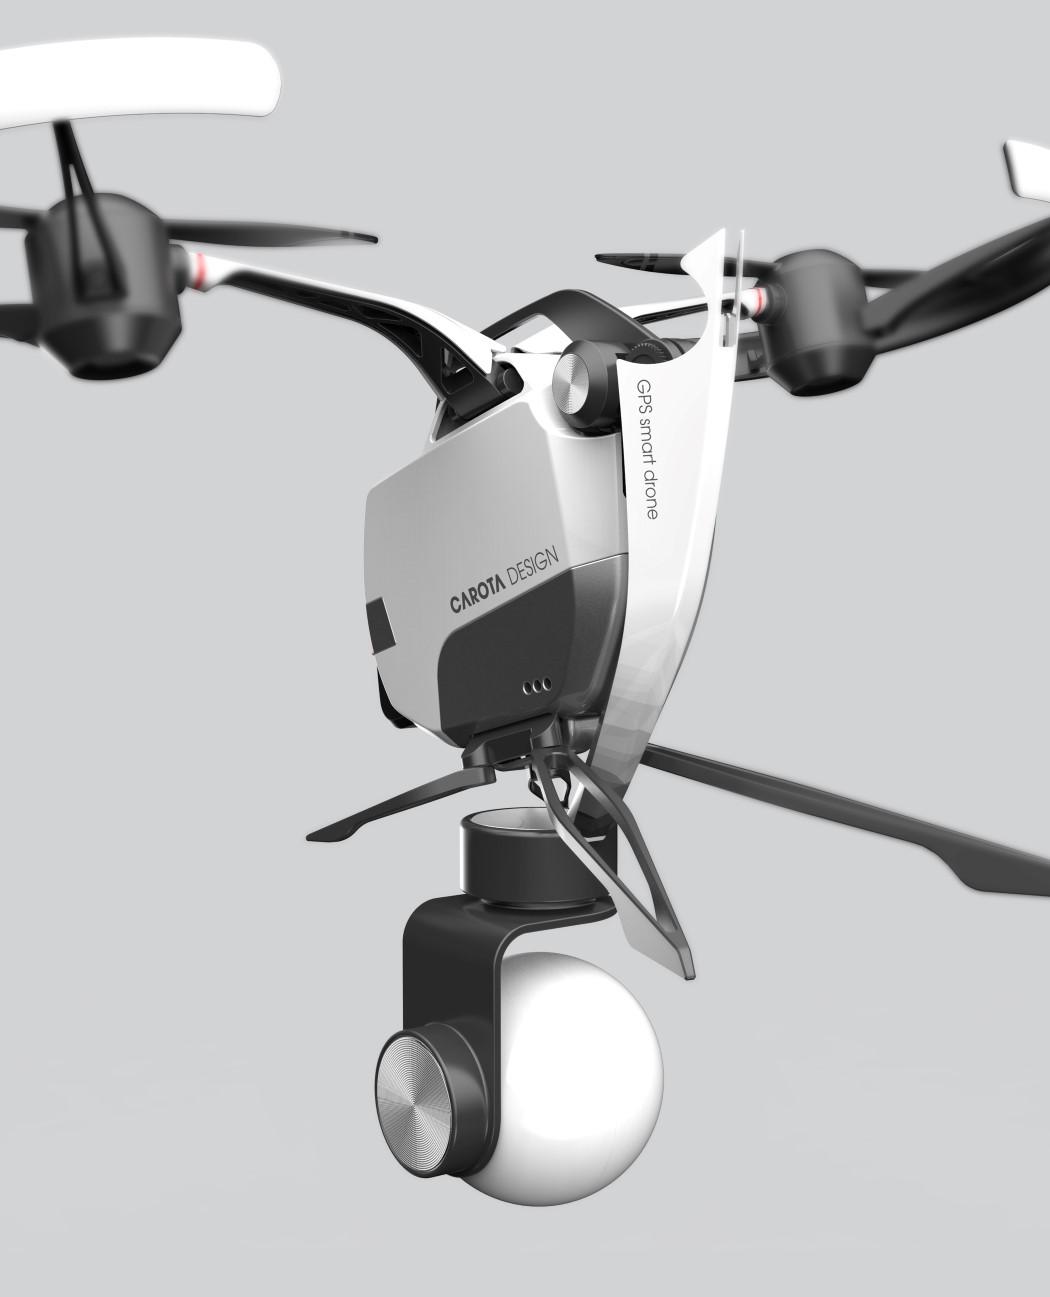 giant_hornet_drone_8